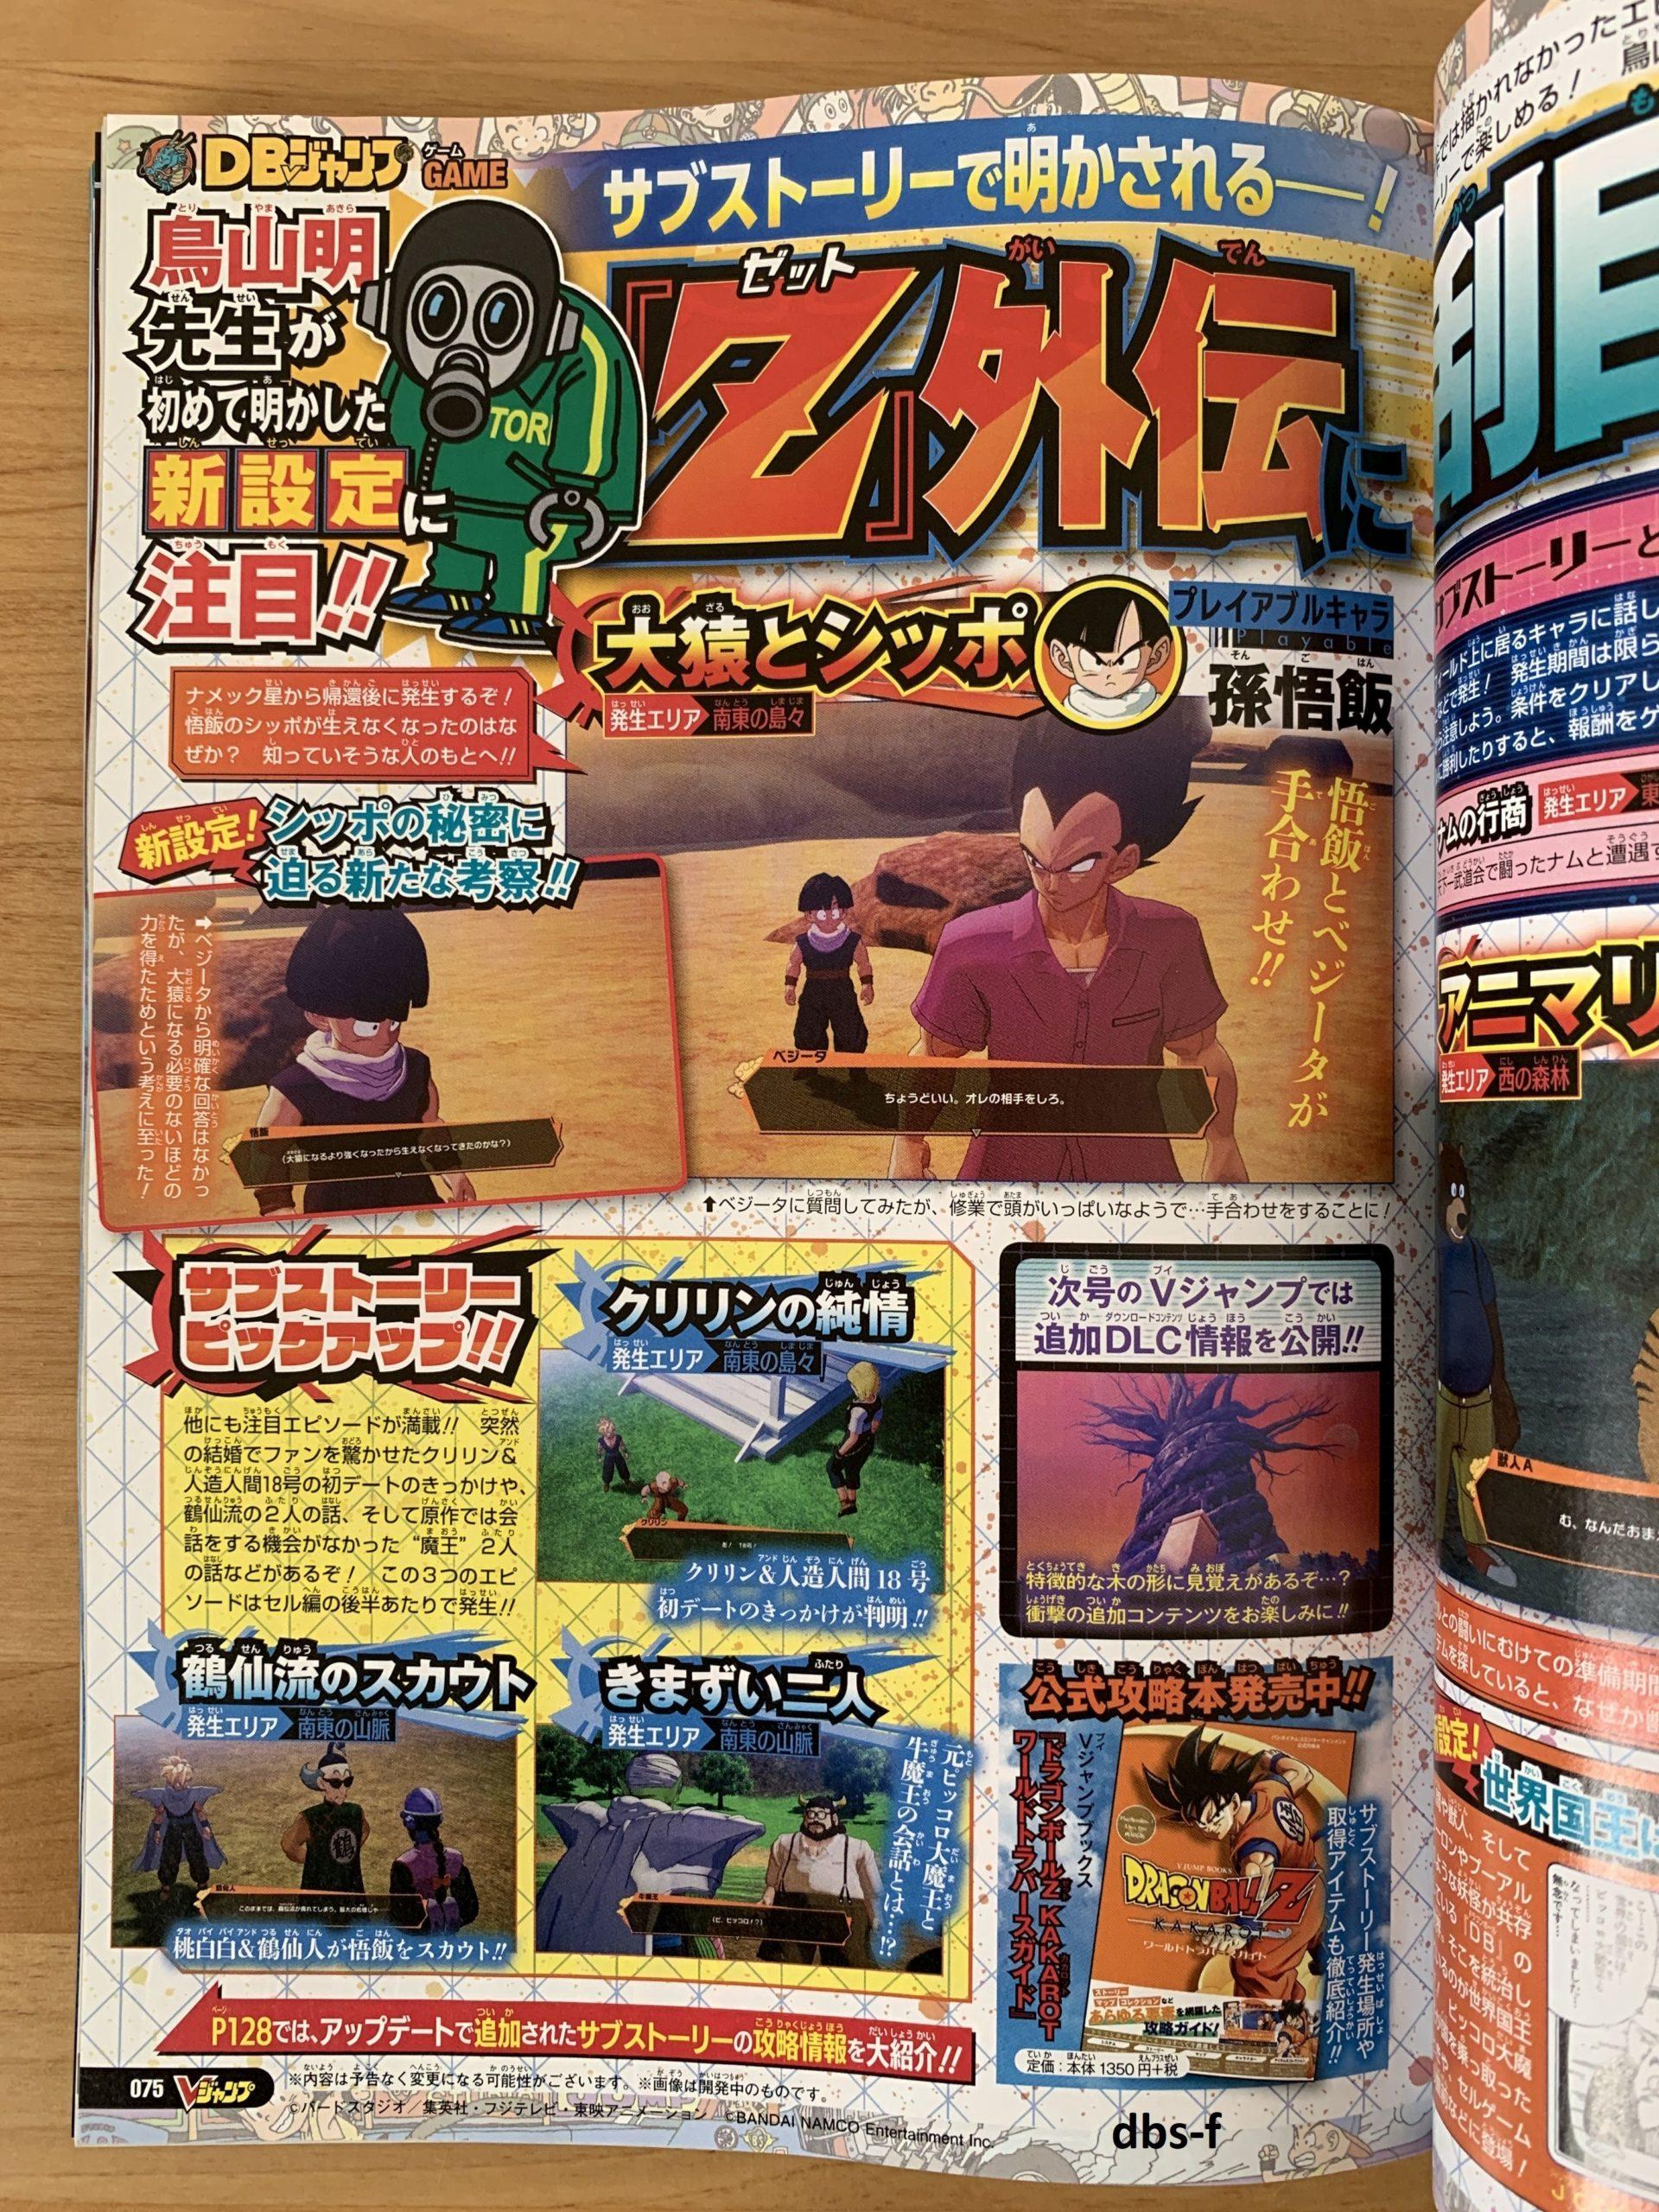 Dragon Ball Z Kakarot : Implication de Toriyama et premier DLC teasé